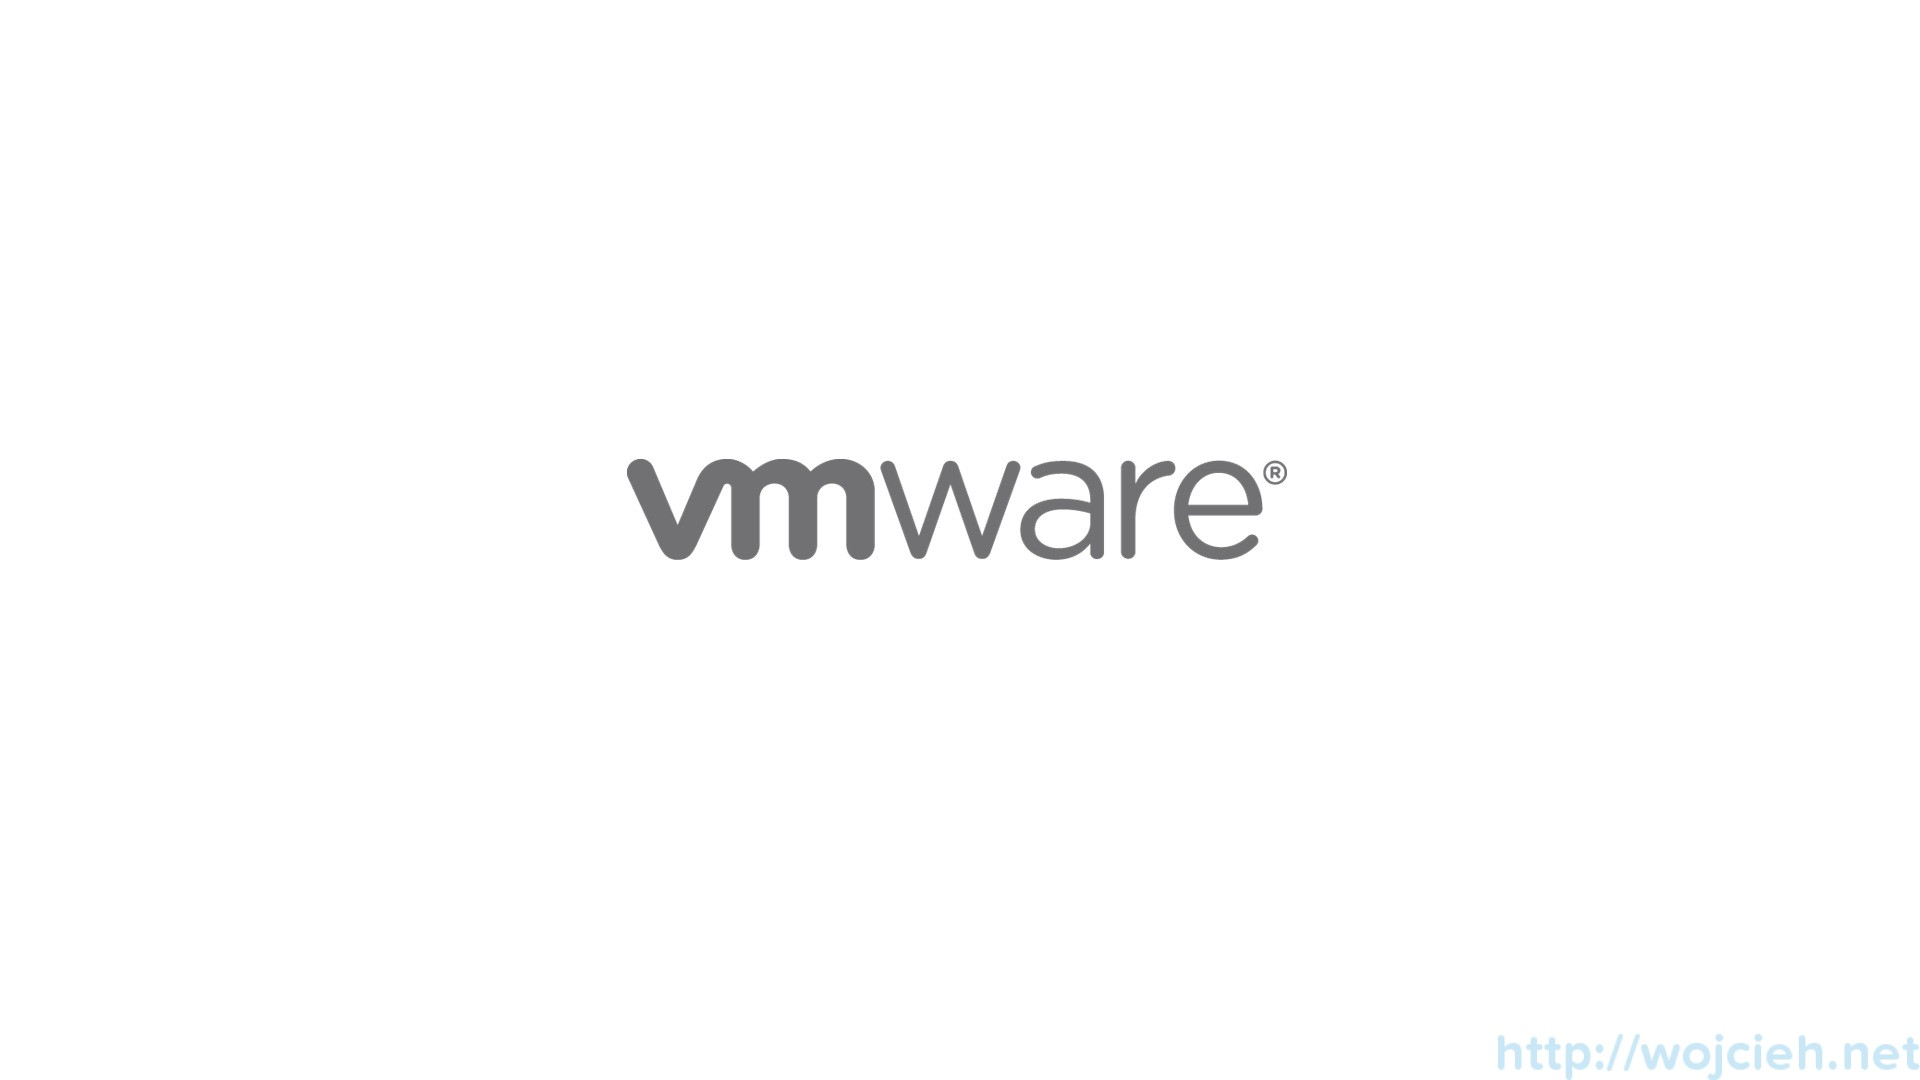 VMware Wallpaper - 6